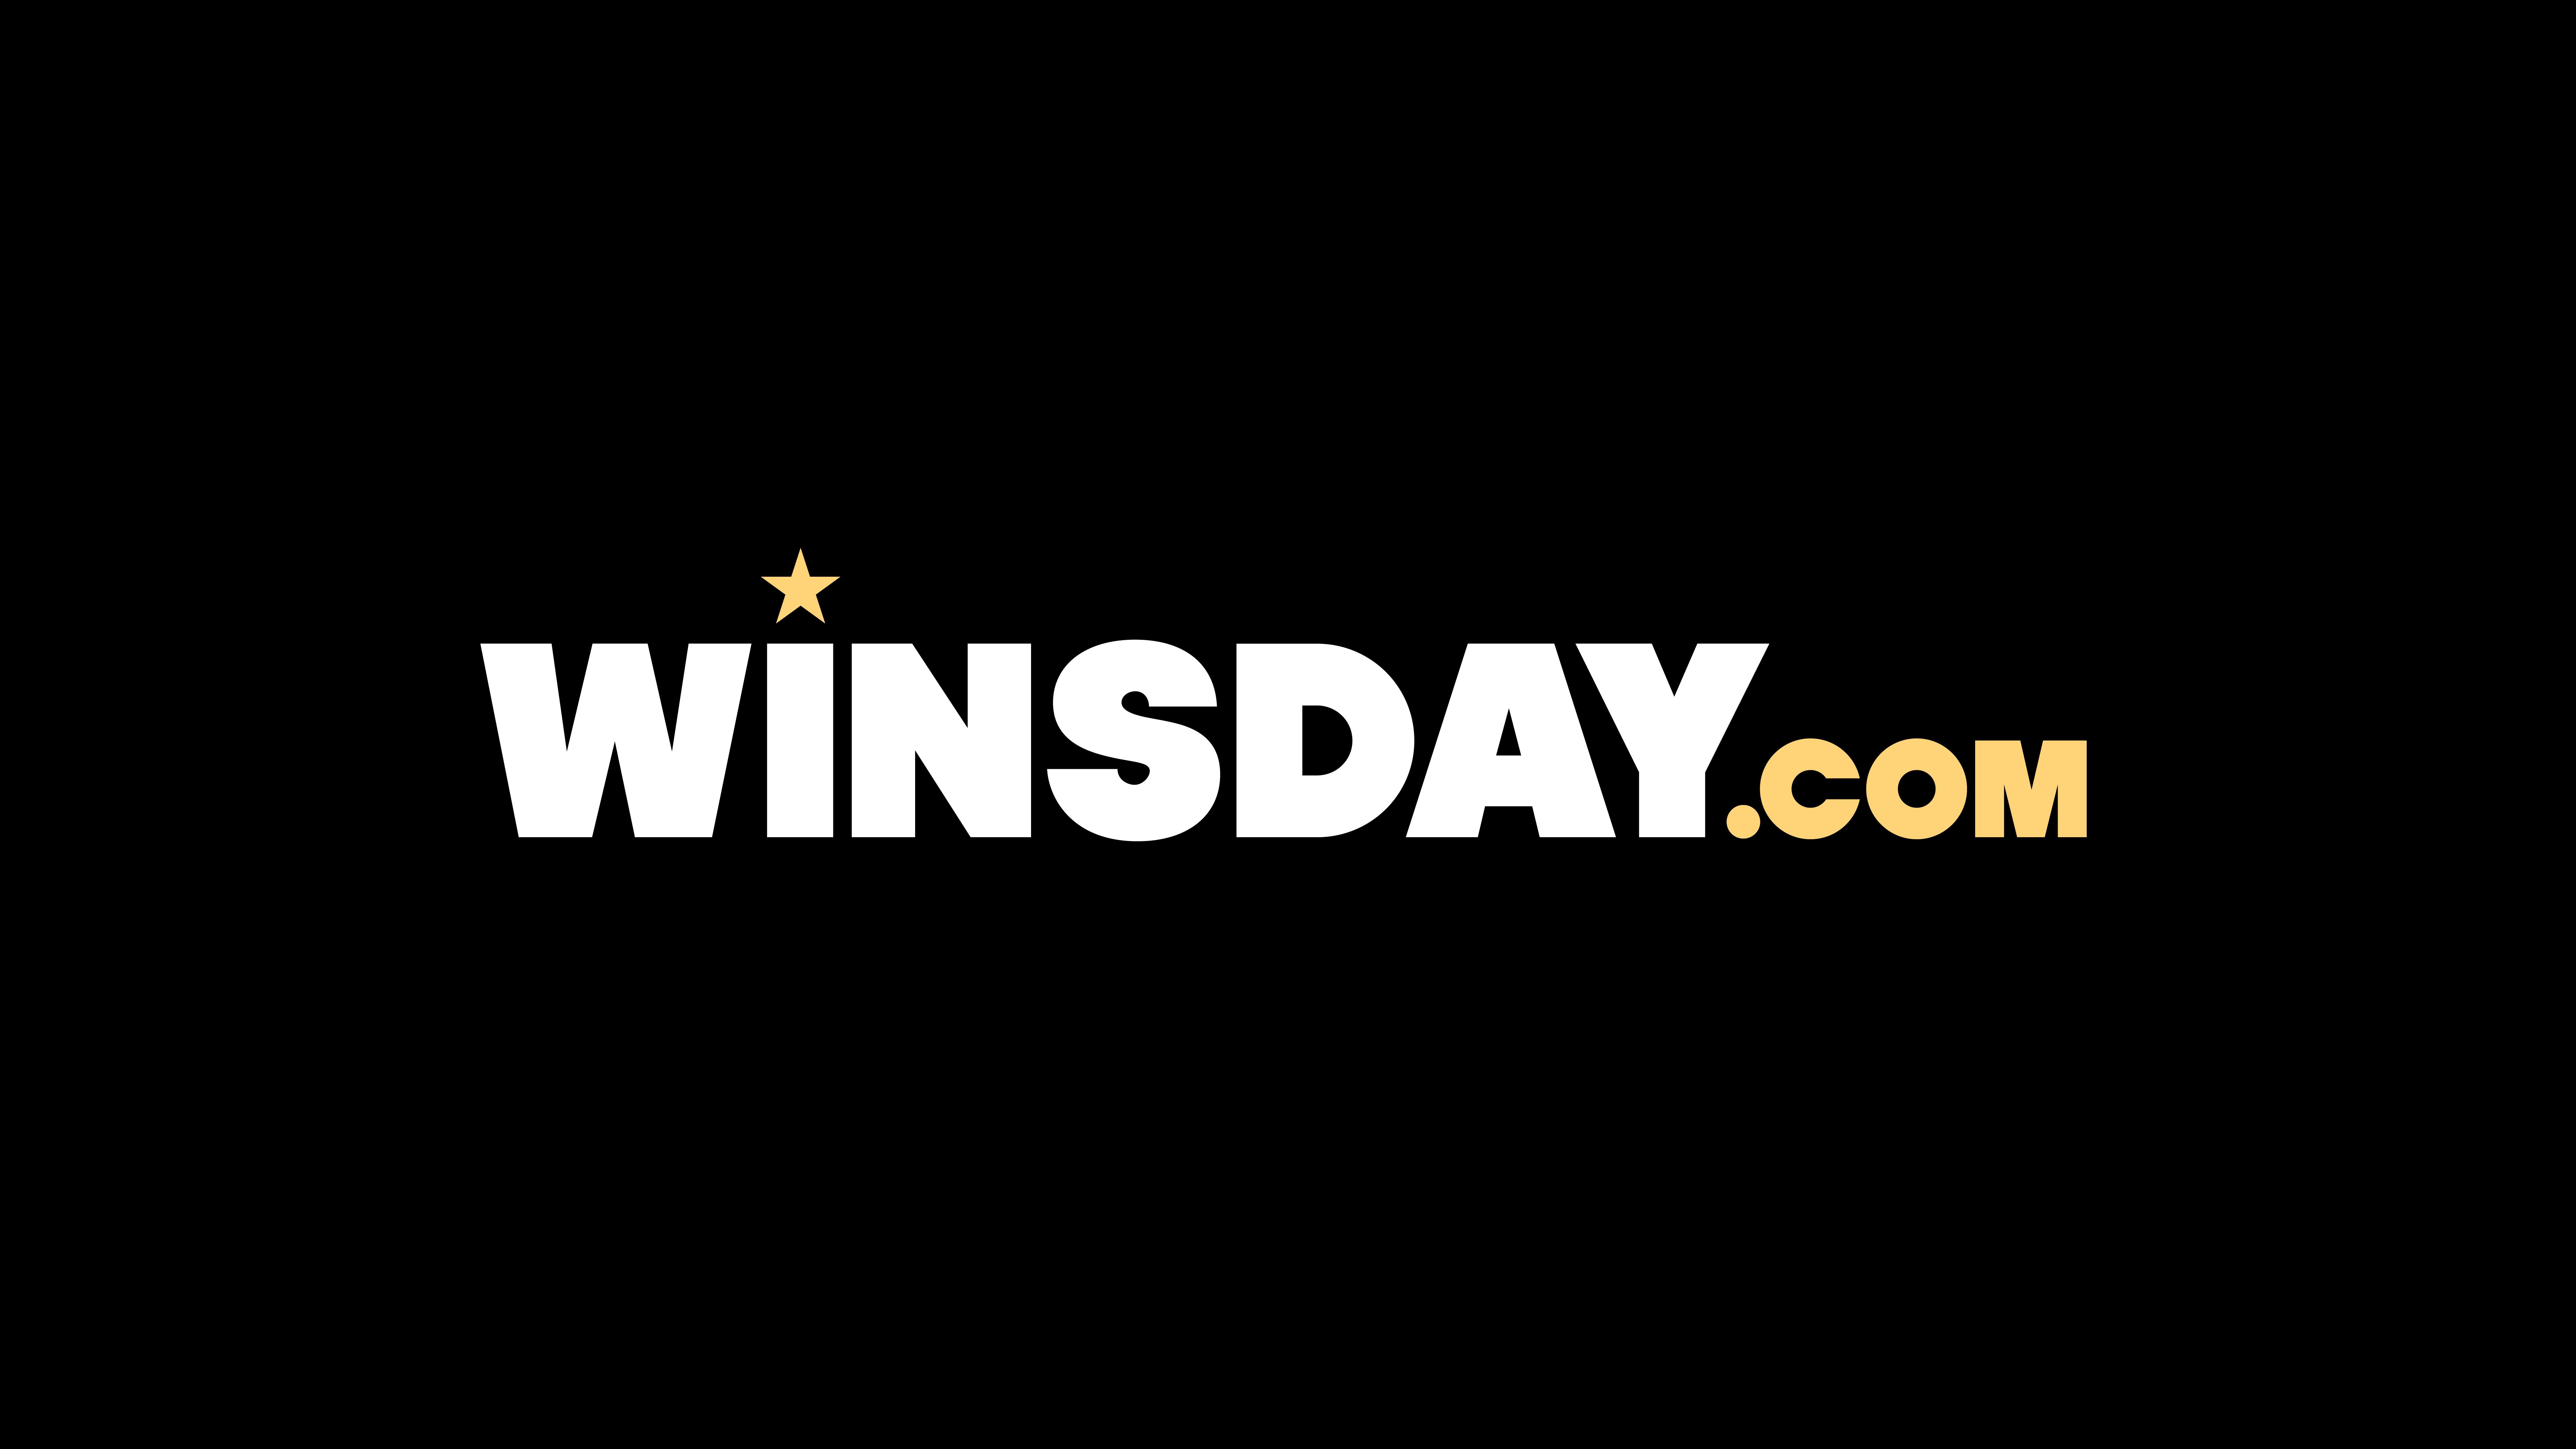 Winsday